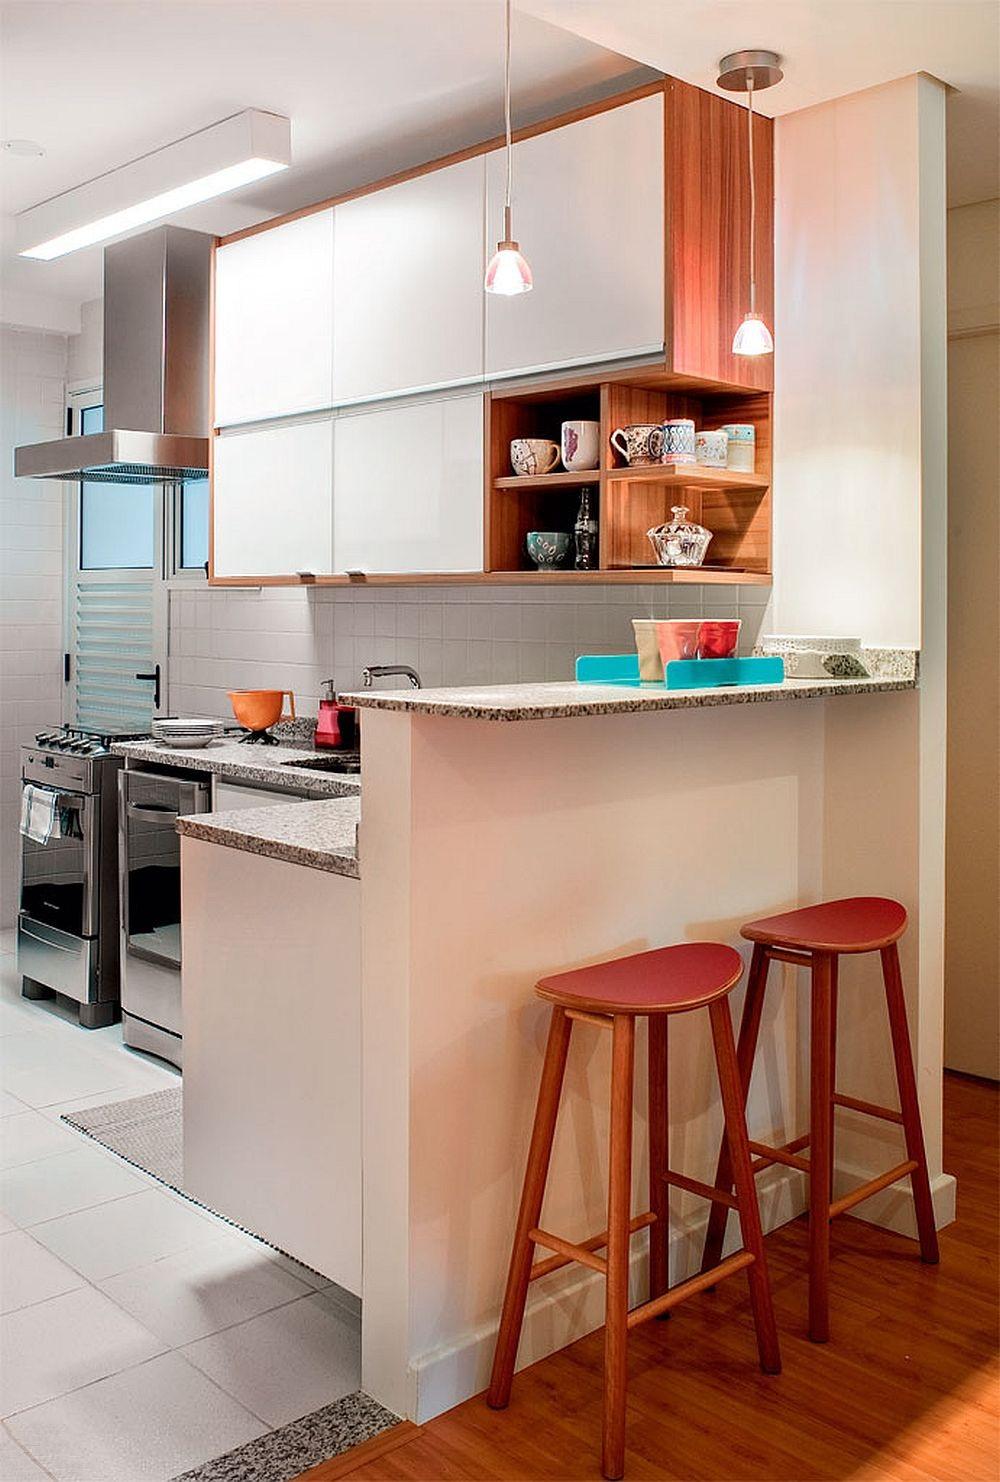 Foto cozinha com ilumina o led de ana camila vieira for Sillas para comedor modernas bogota